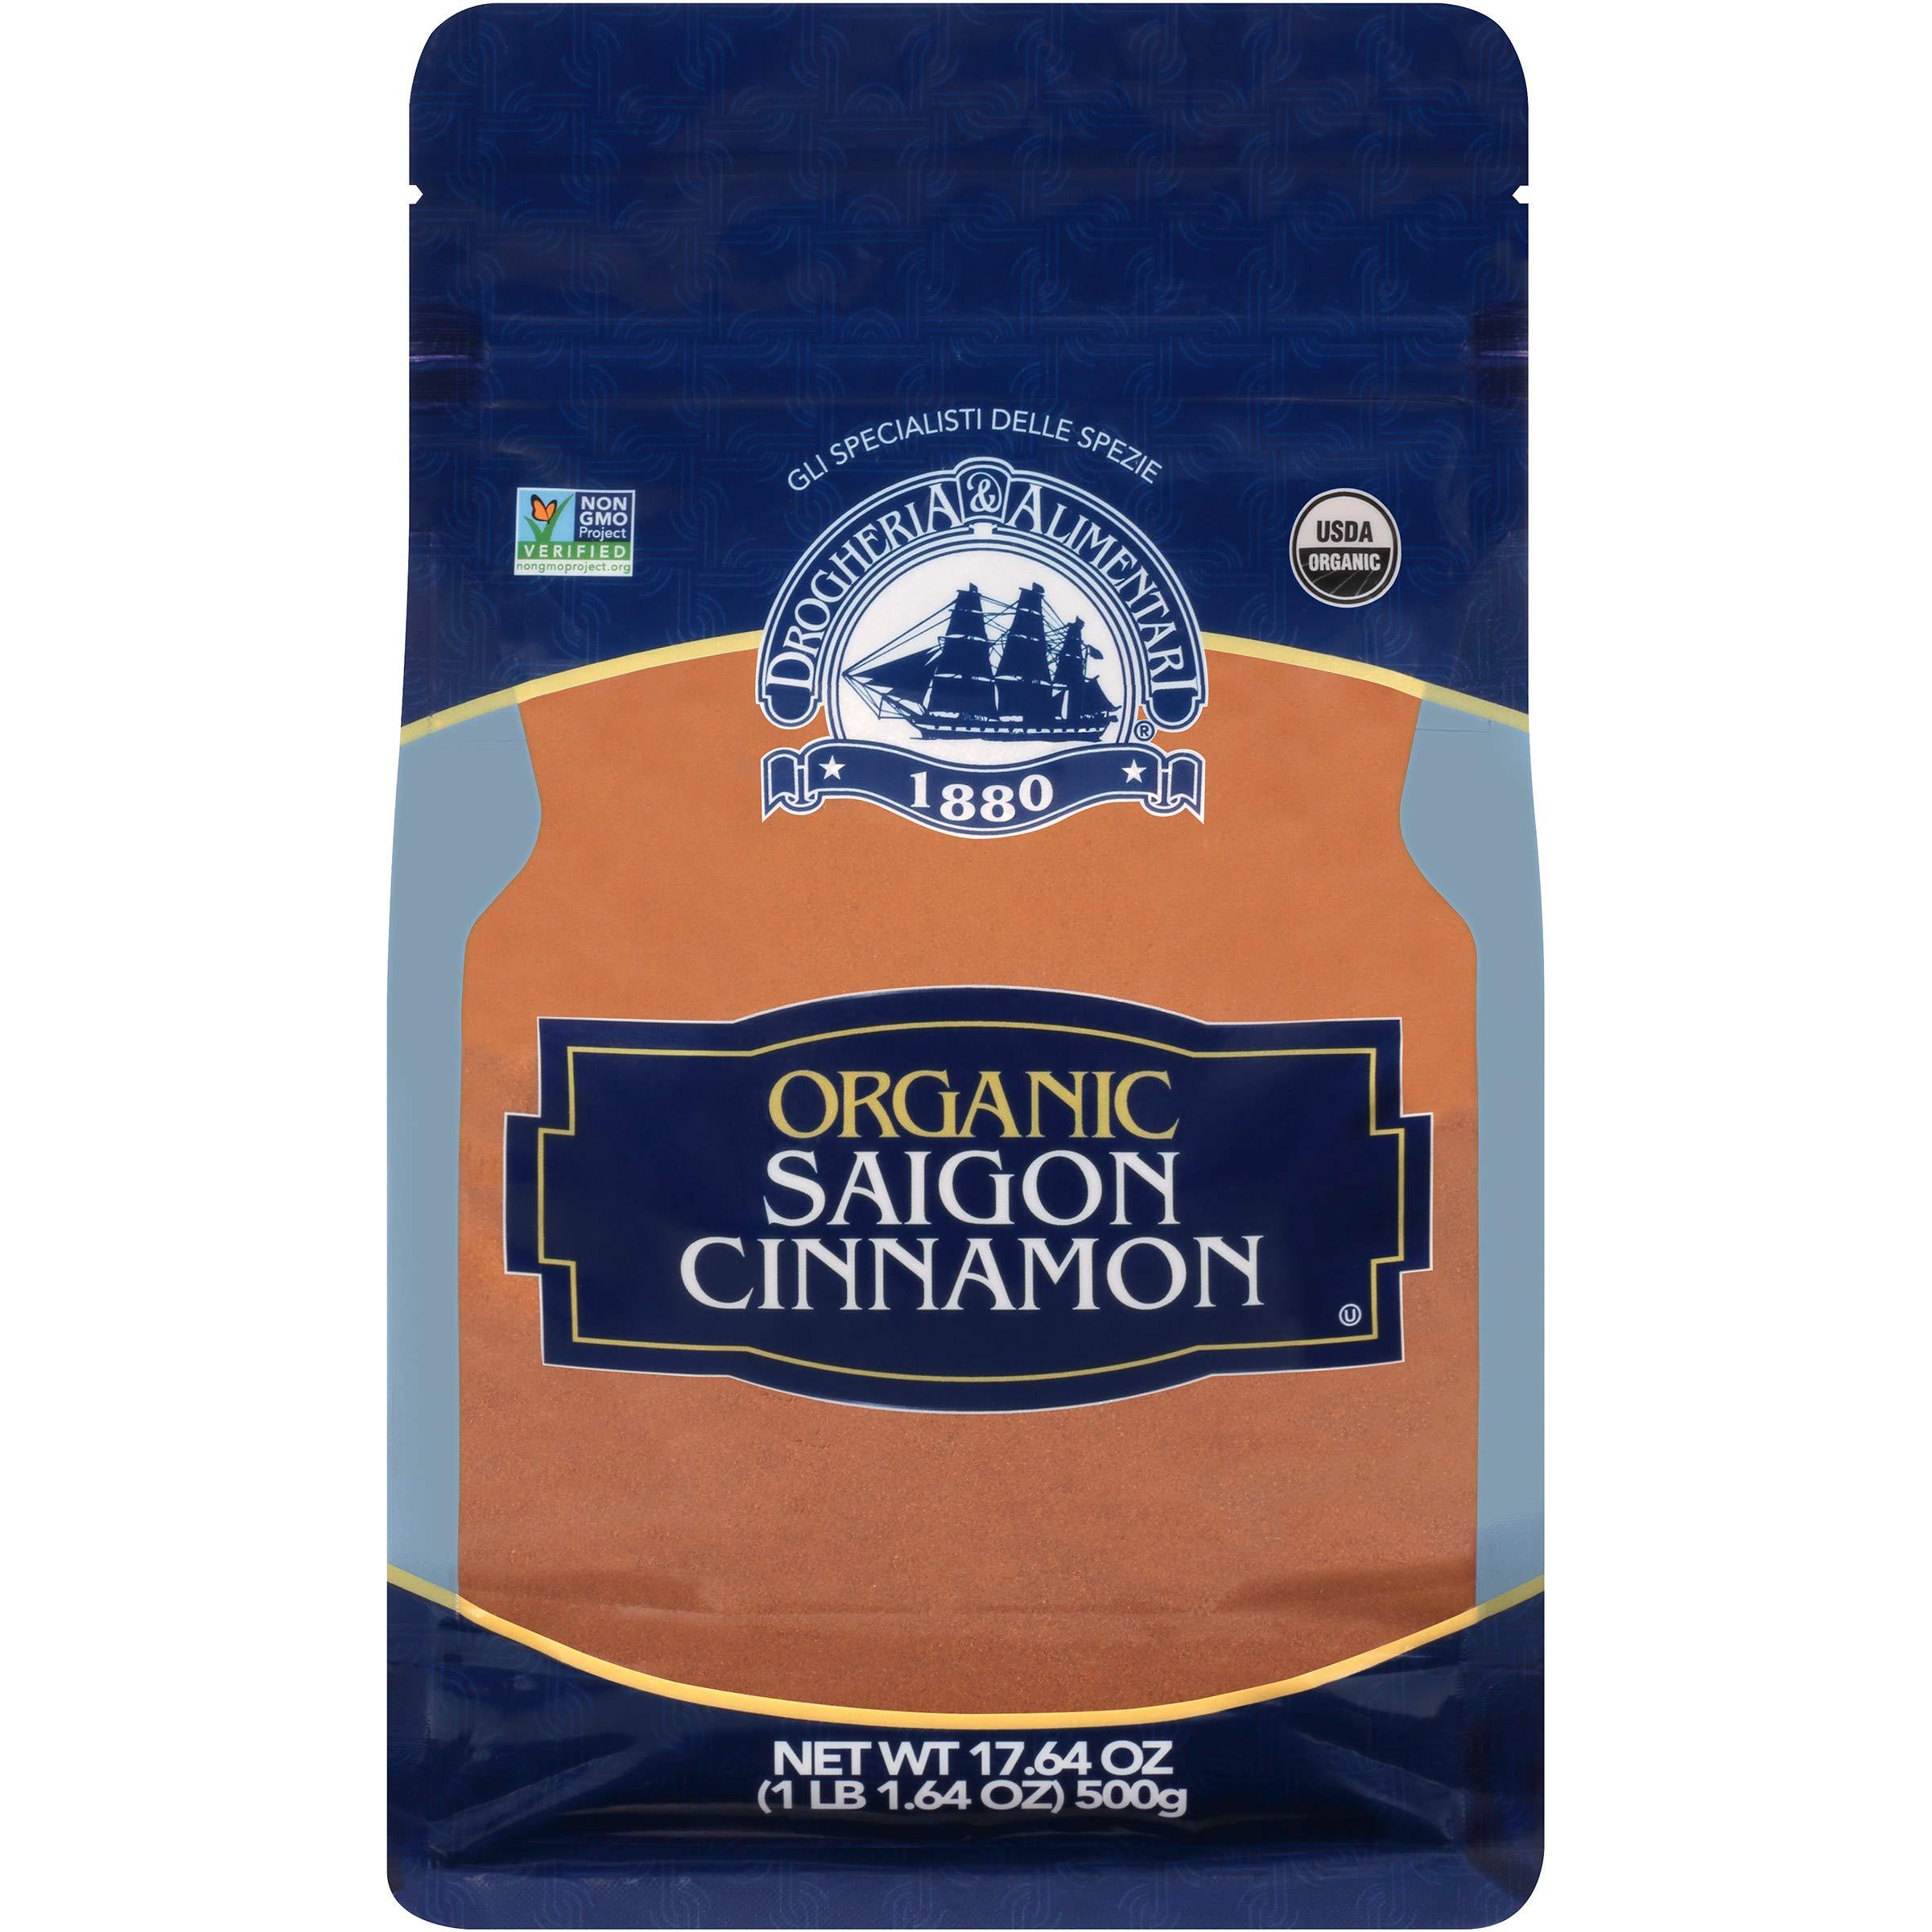 Drogheria & Alimentari Organic Saigon Cinnamon, 17.64 oz